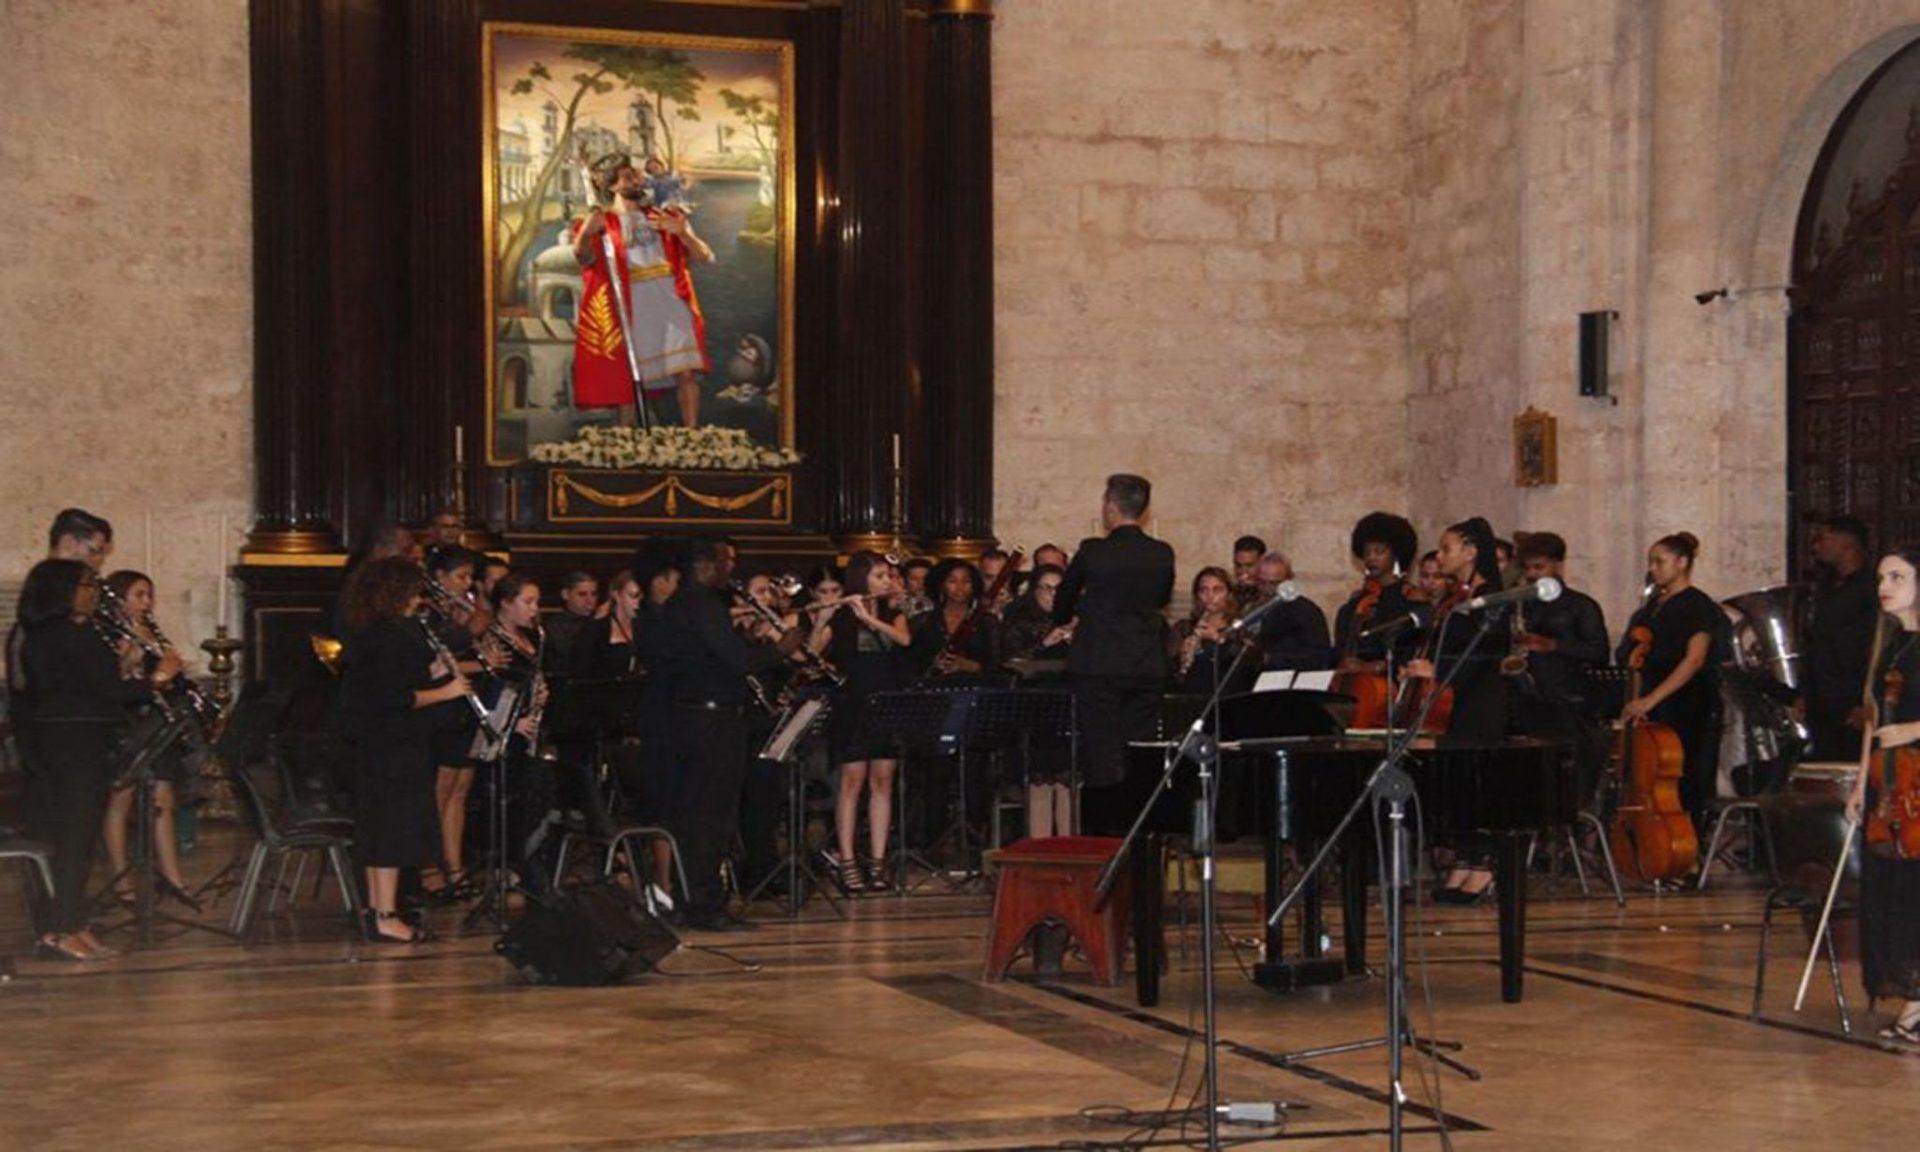 Gala cultural organizada por la Cátedra de Música Sacra del Centro Cultural Padre Félix Varela y presentada en la S.M.I. Catedral de La Habana en la noche del 17 de noviembre.